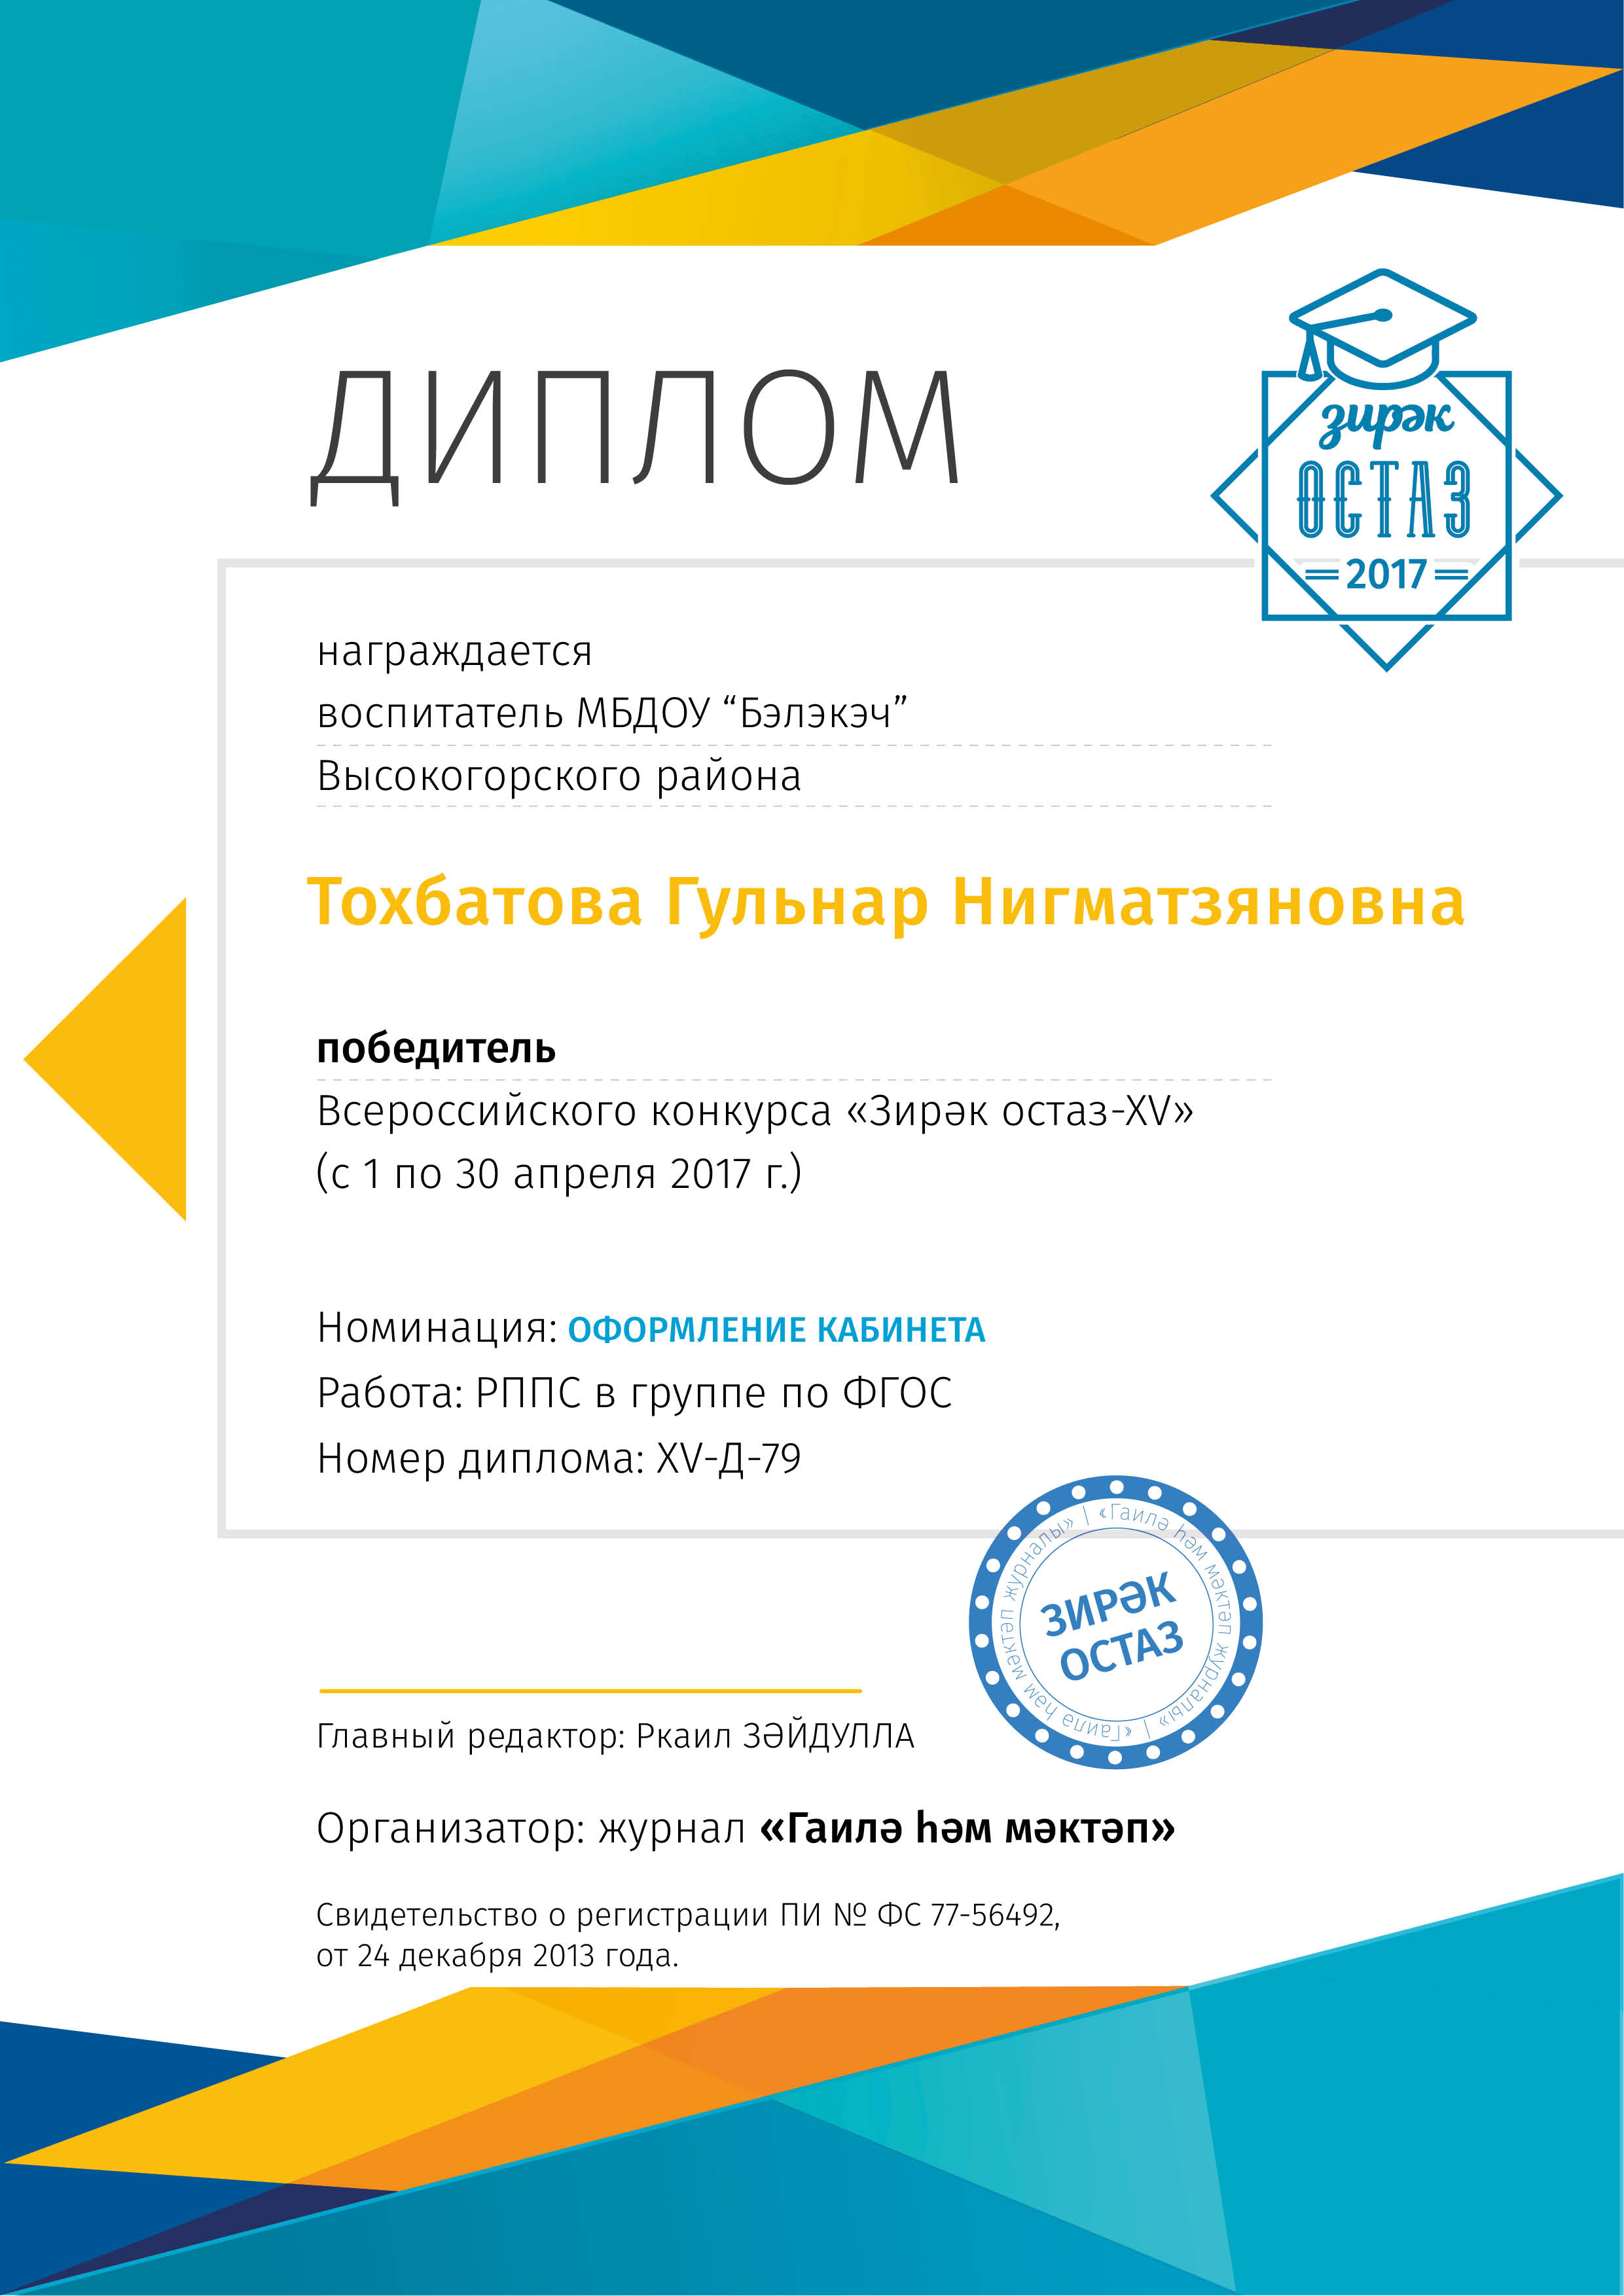 Зирәк бала оплата диплома сертификата Мәгариф журналы  Зирәк бала оплата диплома сертификата